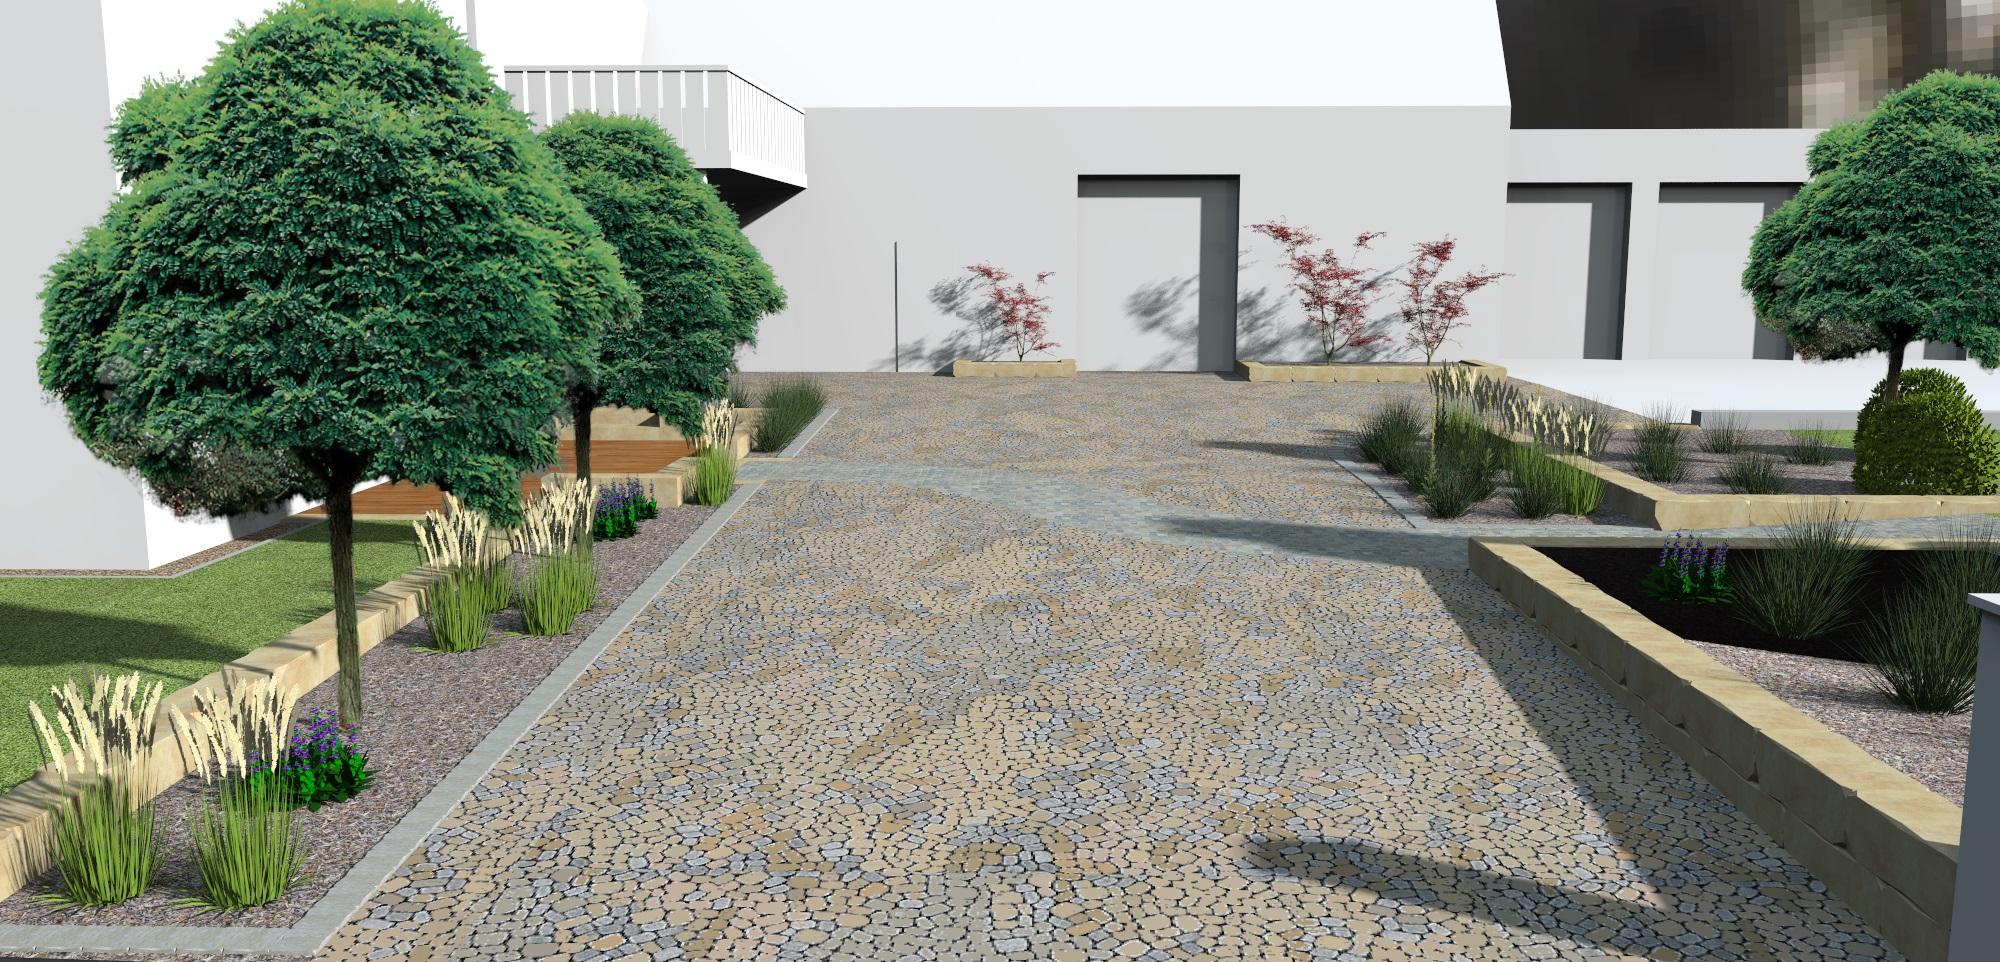 Wir Planen Ihren Garten Mit Hilfe Von 3D  Modellen, Die Wir Auf Grundlage  Unserer Vermessungen Erstellen.